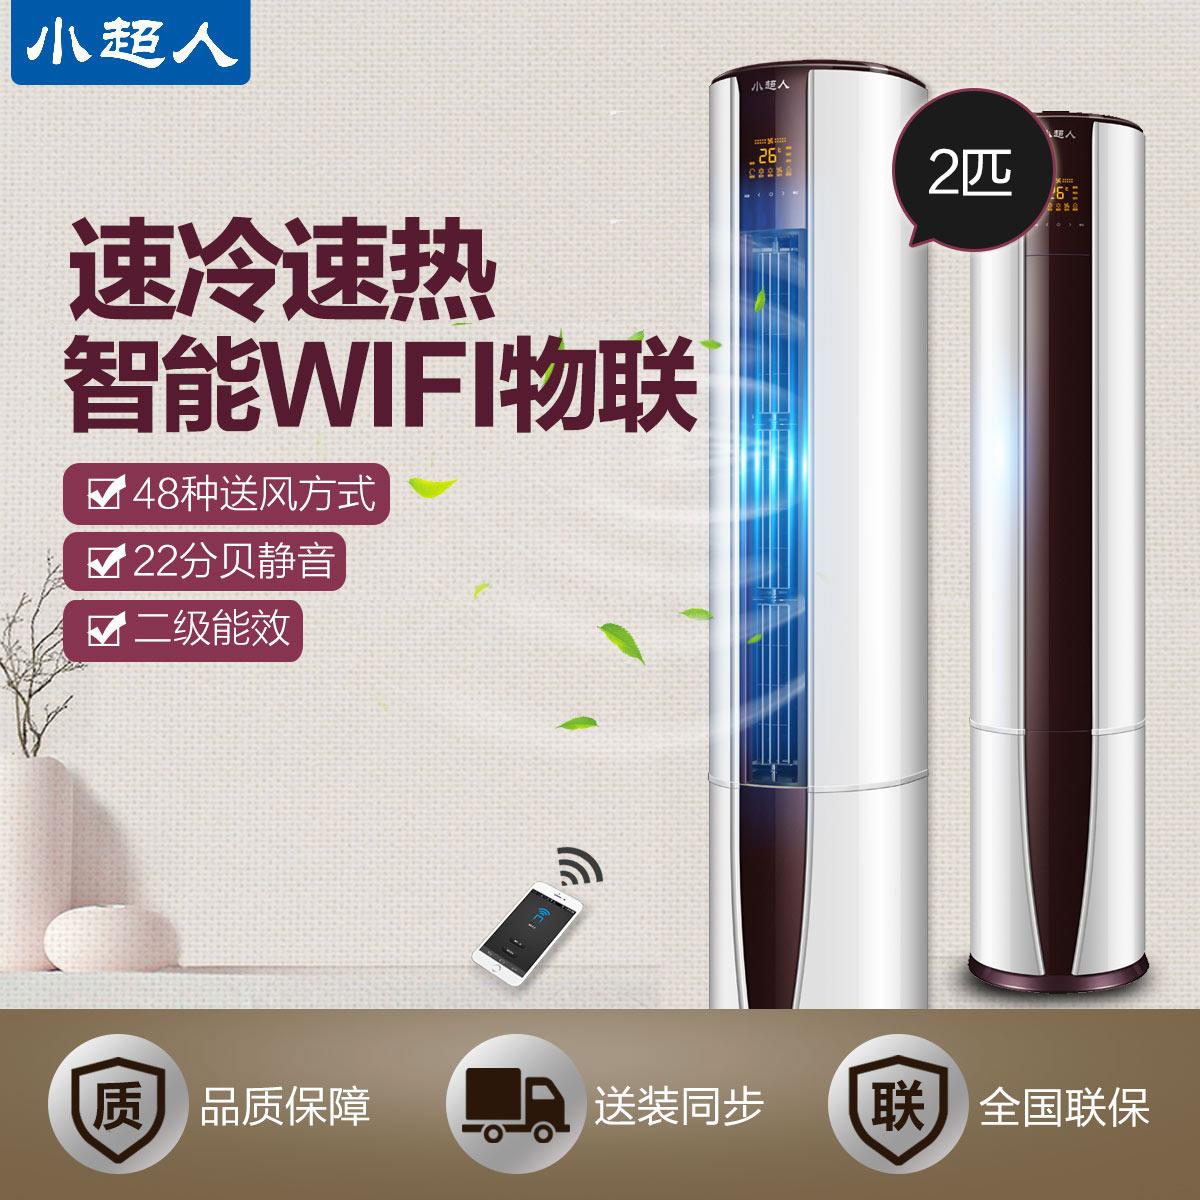 2匹小超人智能WiFi柜式空调,智能物联功能,实时掌控,打造智能生活;二级能效,省电新主流,48种送风方式,感受温柔自然风 KFR-50LW/10AH-2U1套机